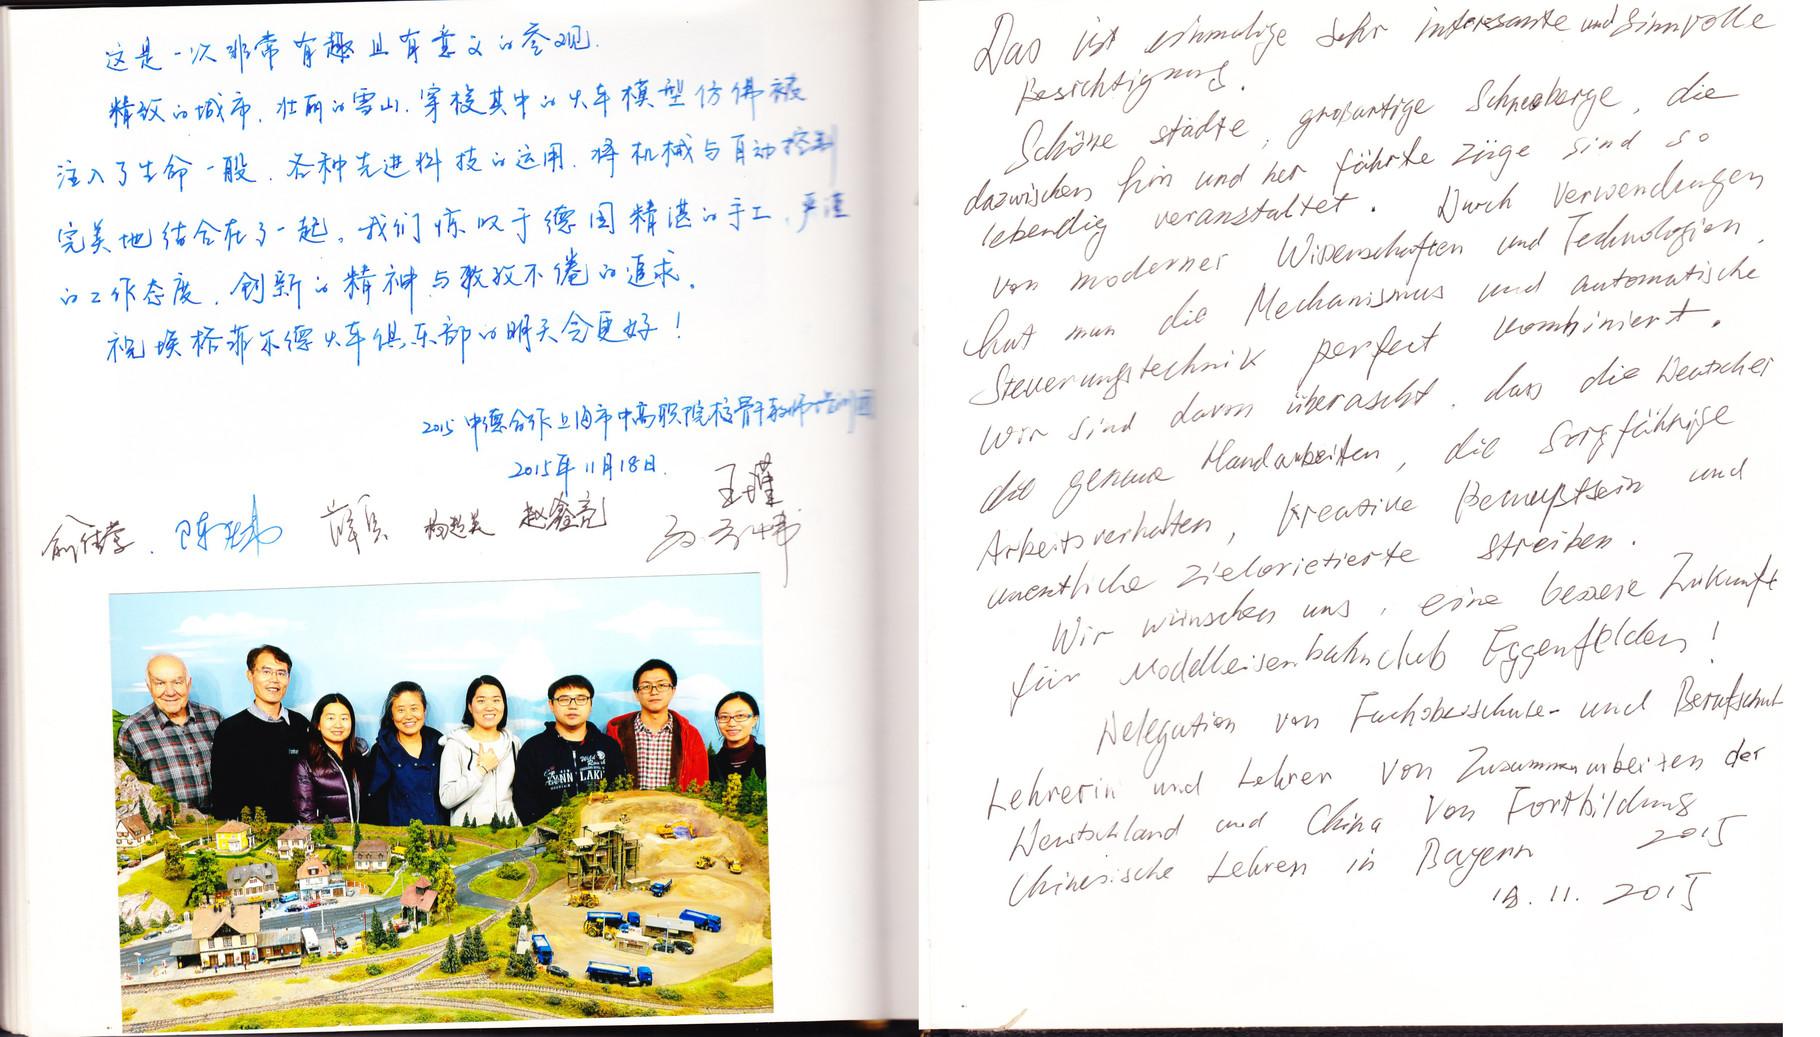 18.11.2015 Beeindruckender Gästebucheintrag von der 7-köpfigen Lehrerdelegation aus Shanghai